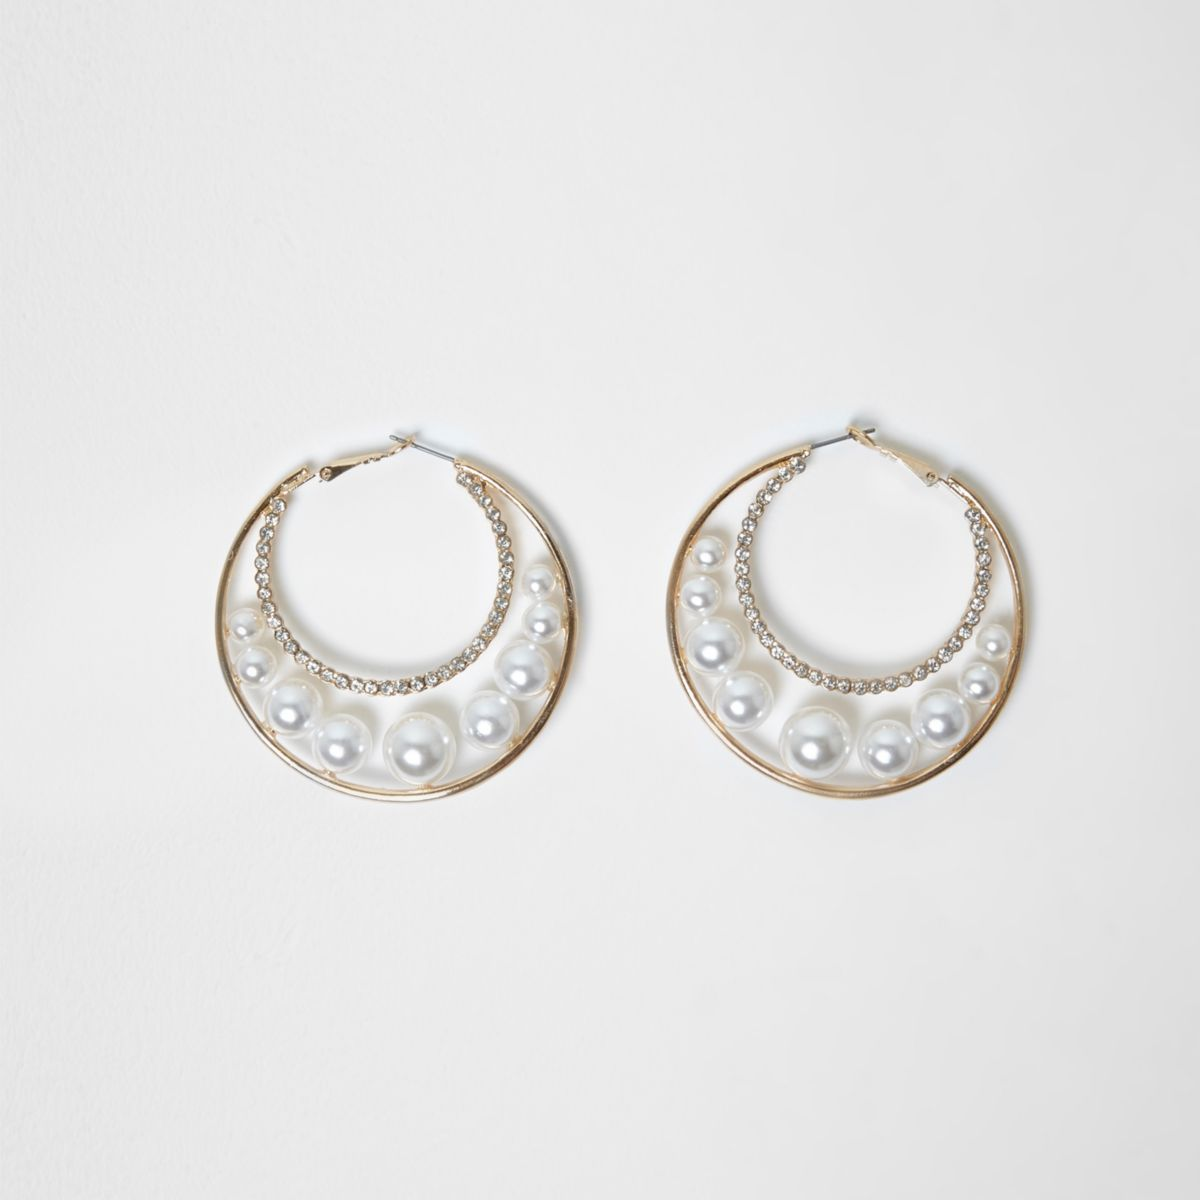 Gold tone faux pearl insert hoop earrings